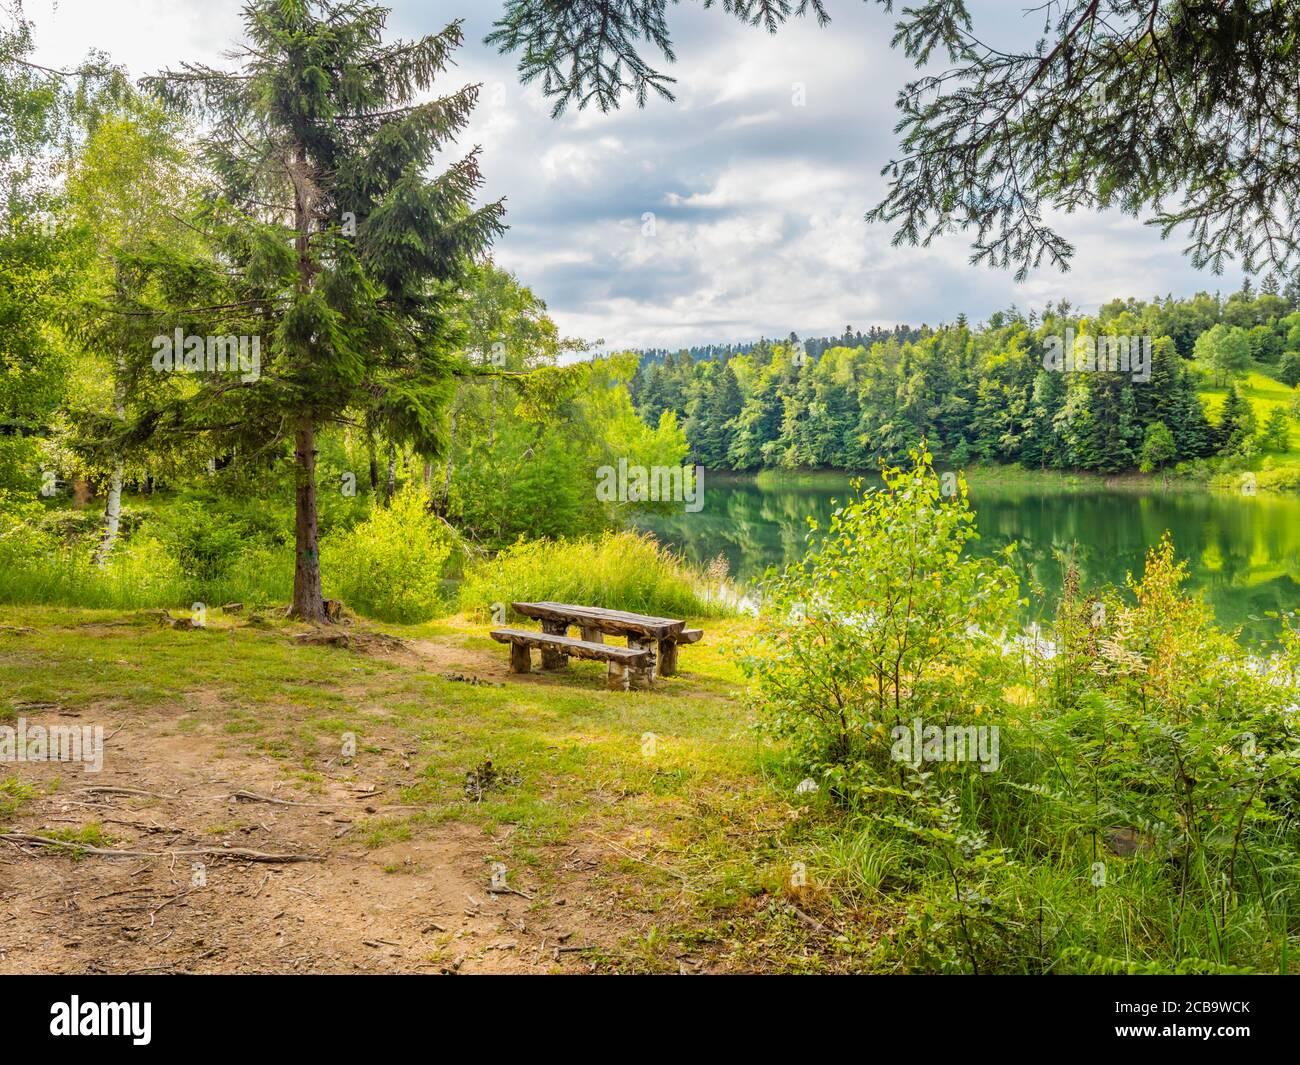 Fantastische Aussicht Blick Grüner Wald ziemlich schön erhaltene Natur natürlich Umwelt Frühling in See Mrzla vodica in Kroatien Europa Stockfoto